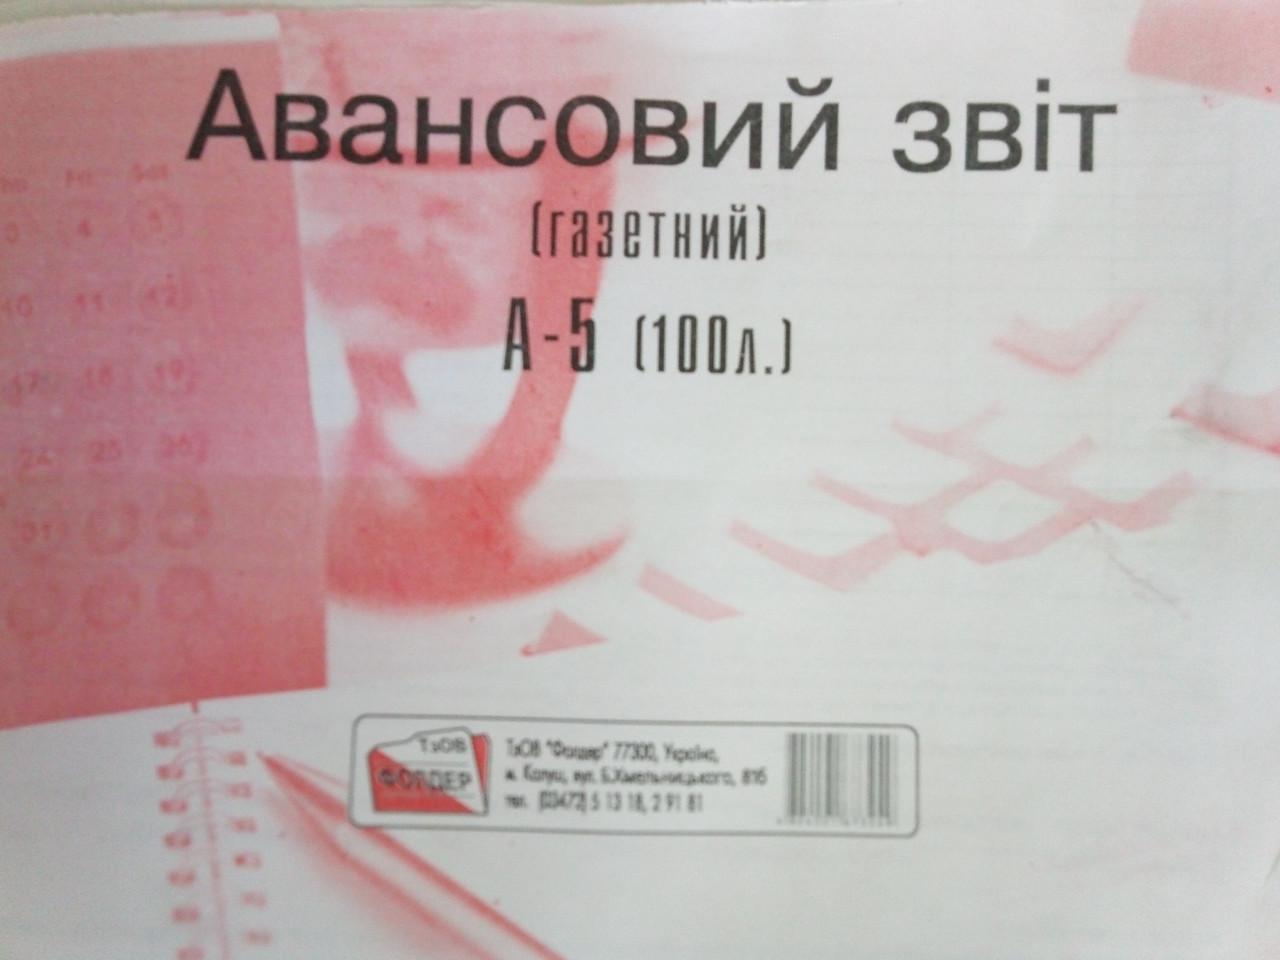 Бланк, авансовий звіт, газетний 100 арк, А5, двосторонній